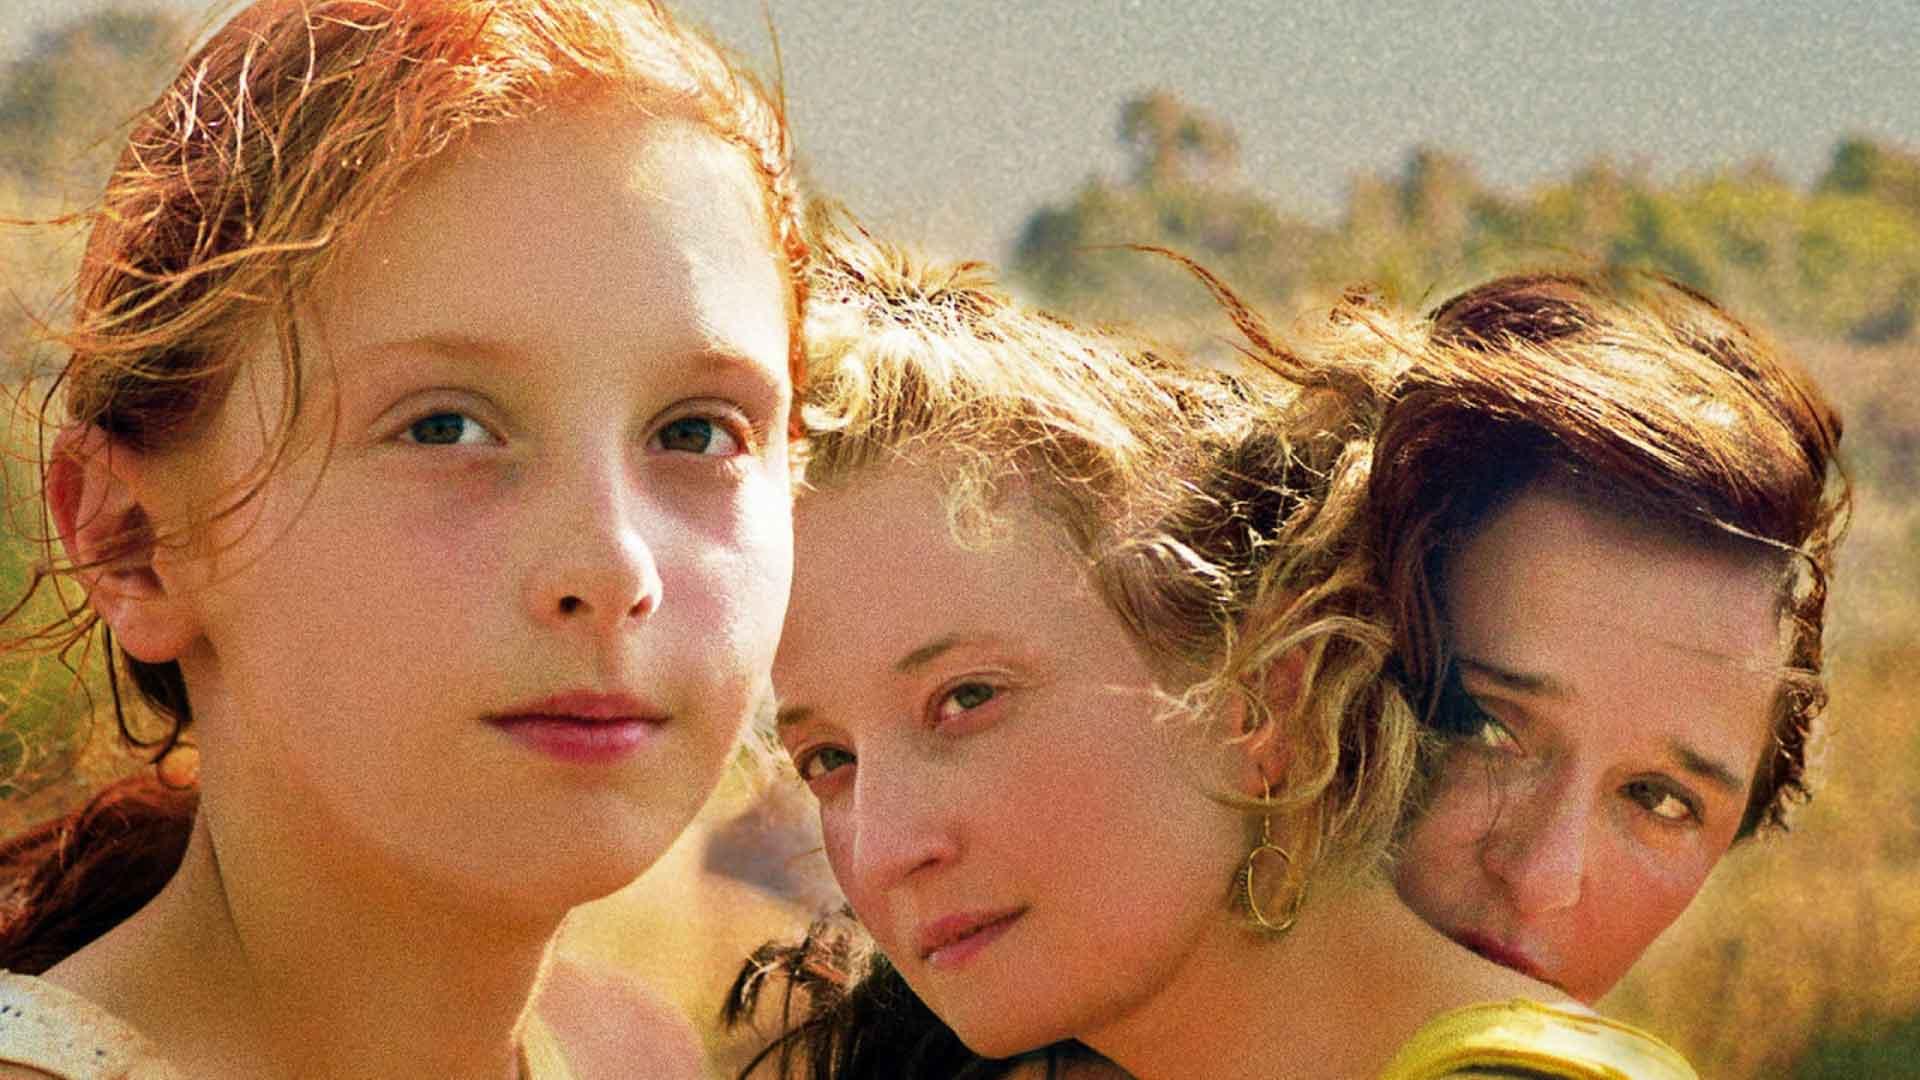 Figlia mia (MIA|What's Next Cinema 2017): il film di Laura Bispuri premiato  al 34° Haifa International Film Festival - MIA | Mercato Internazionale  Audiovisivo